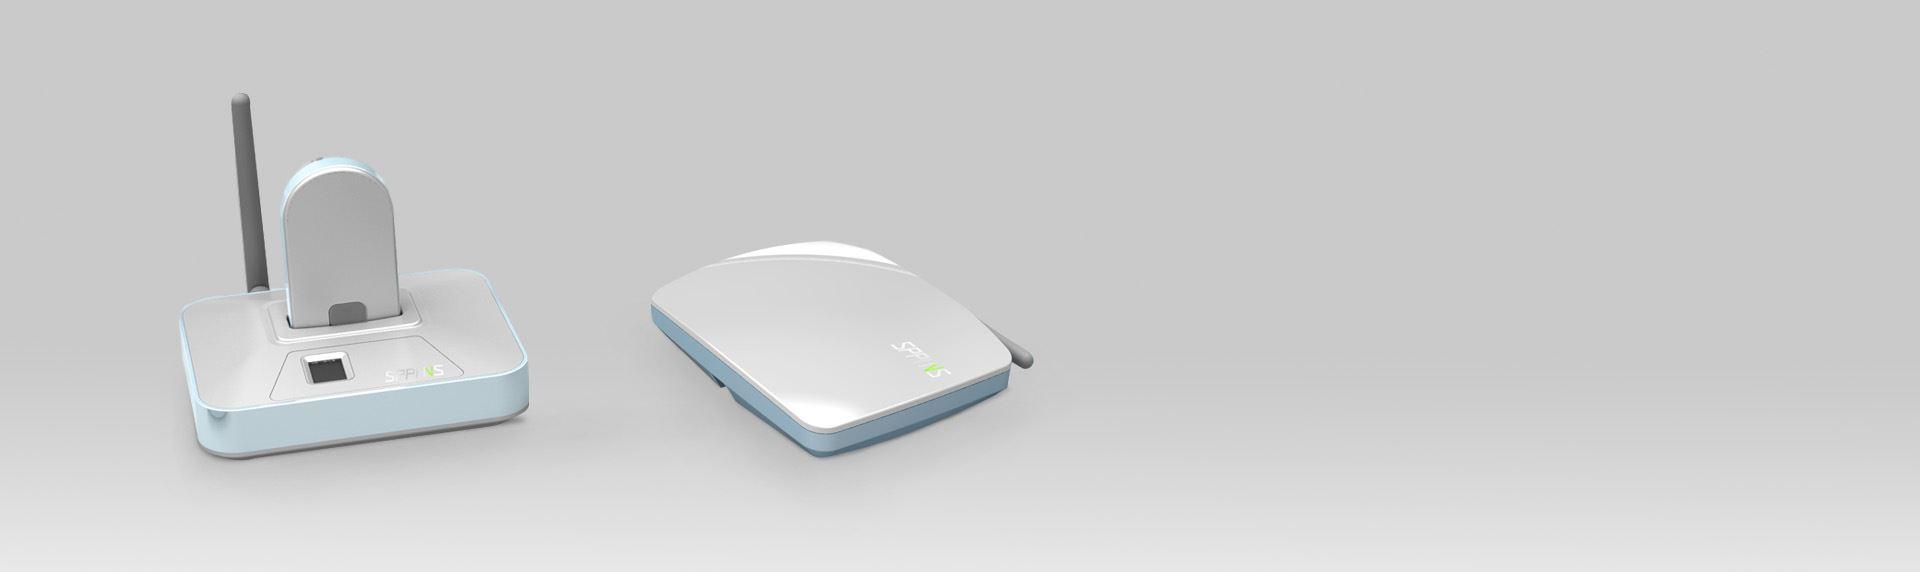 欧帝设计-紫外消毒仪控制监测仪